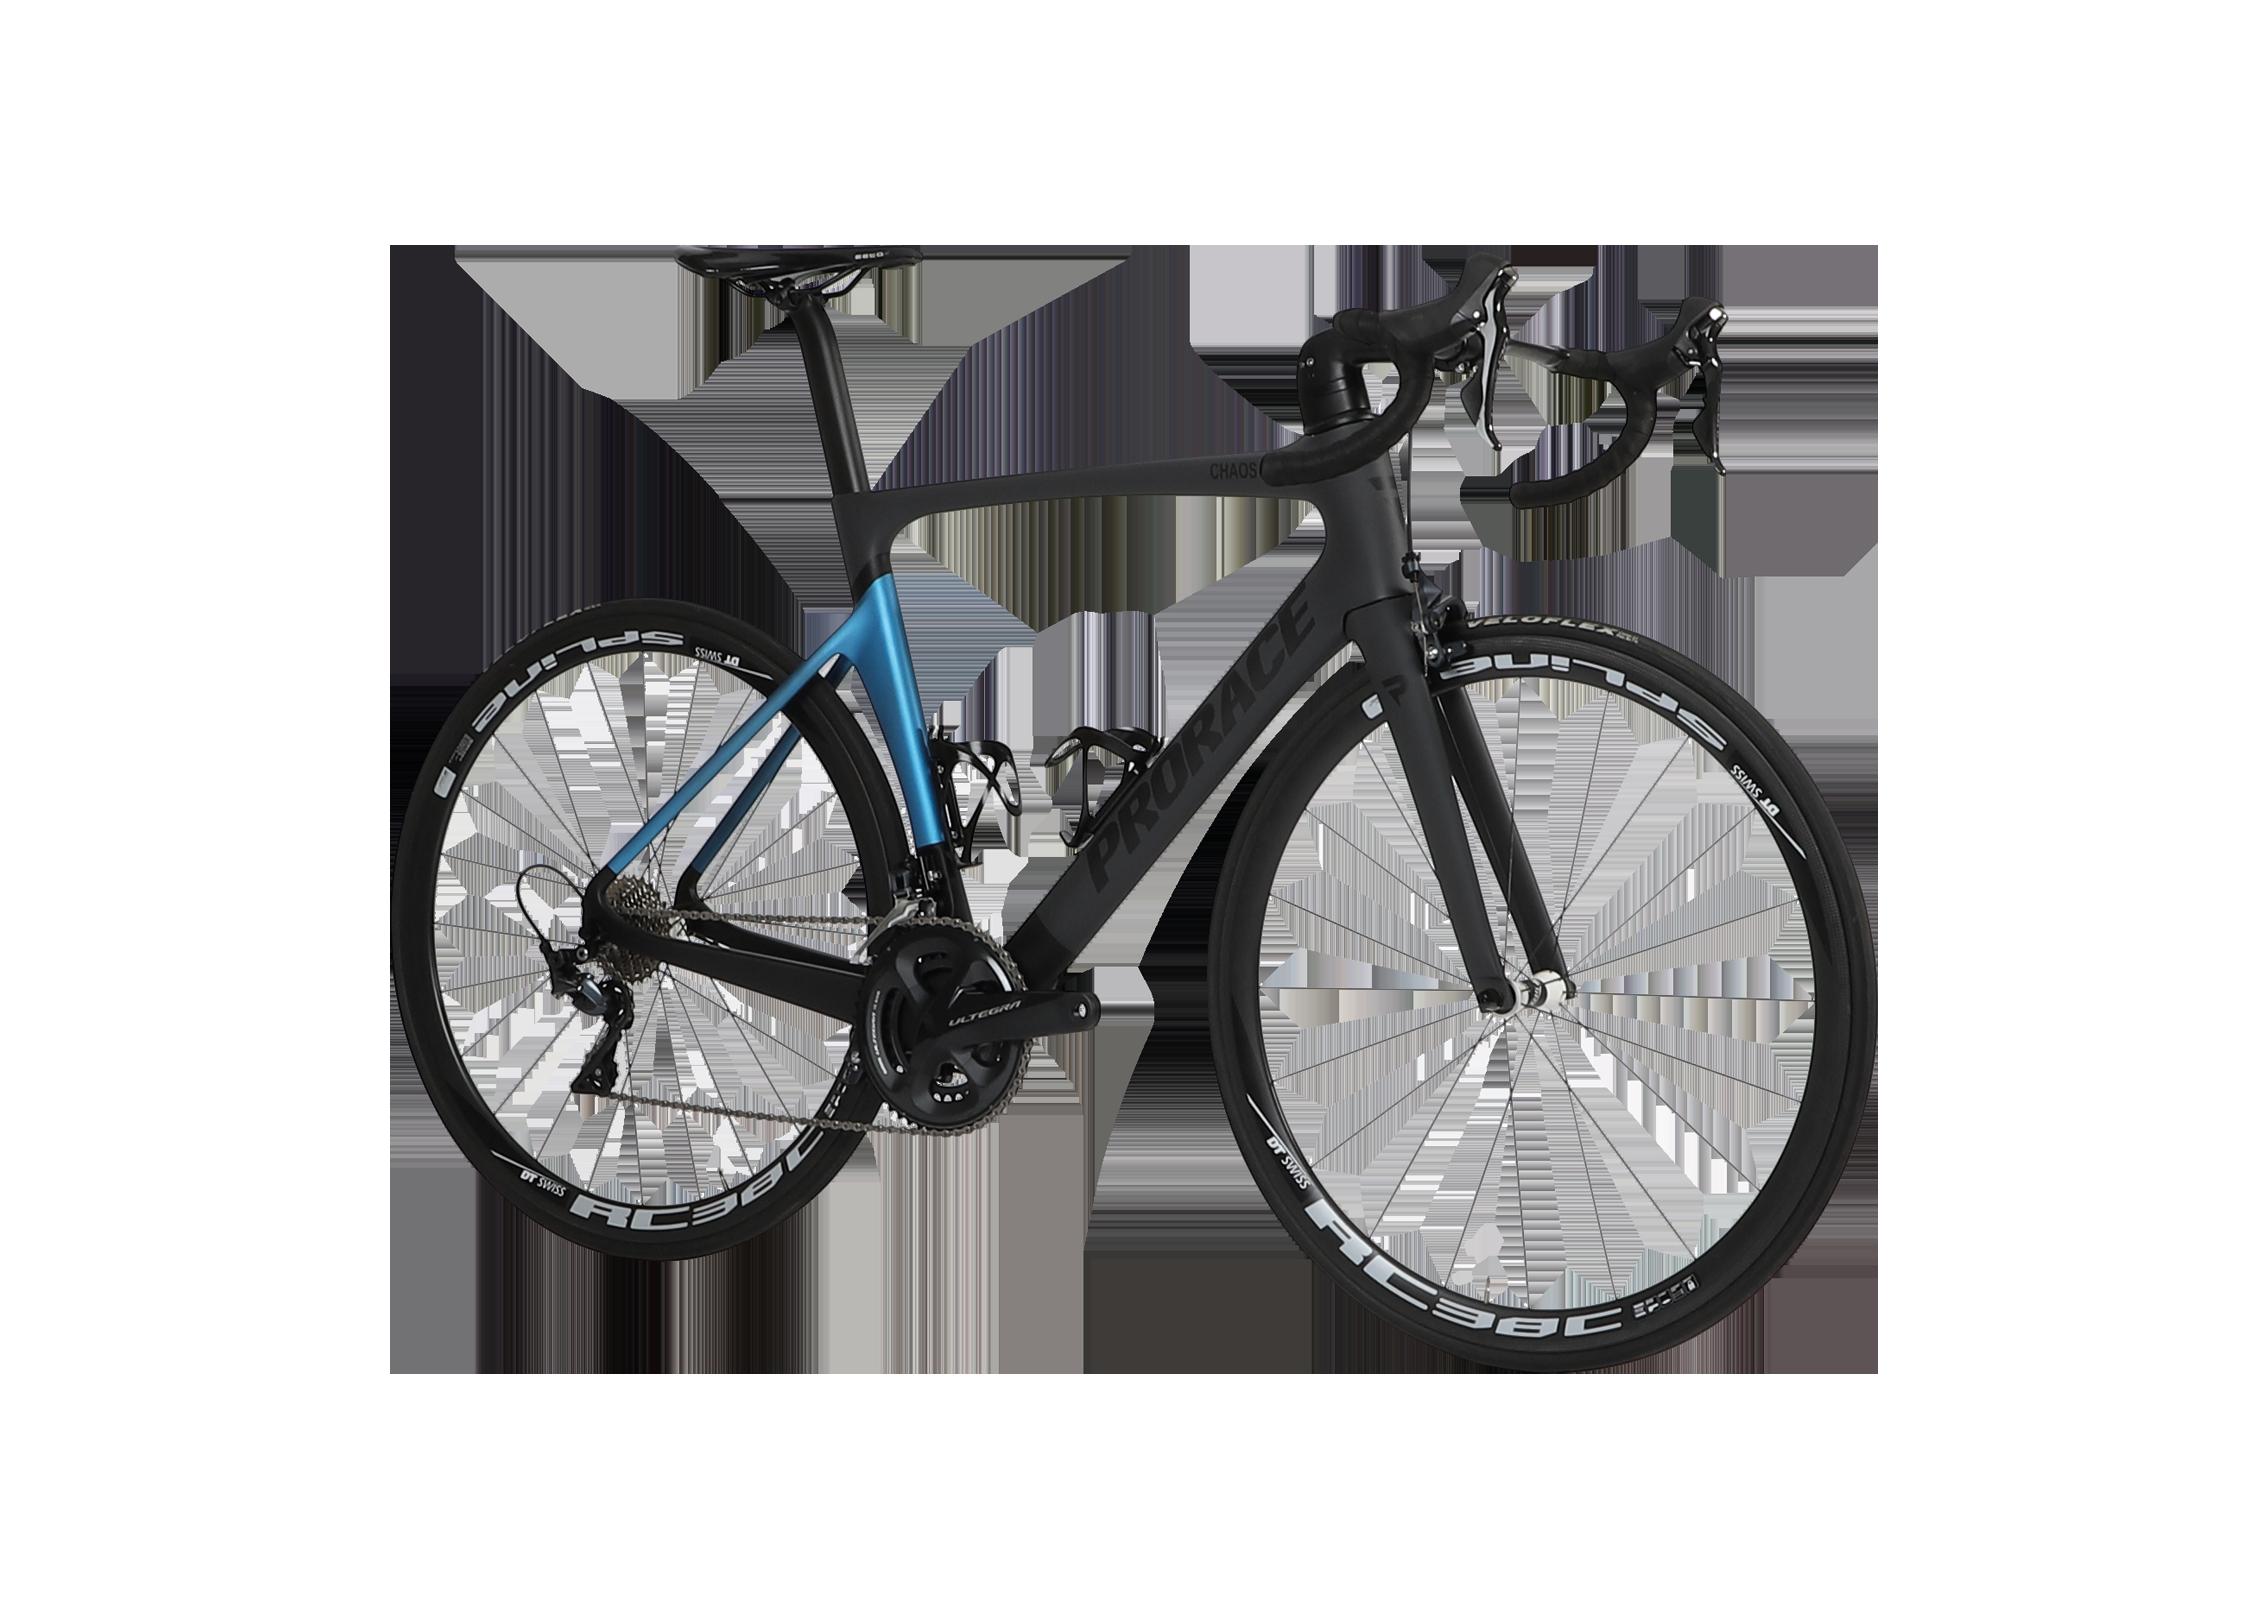 Chaos aerodaynamische Prorace fiets met schijfremmen vooraanzicht